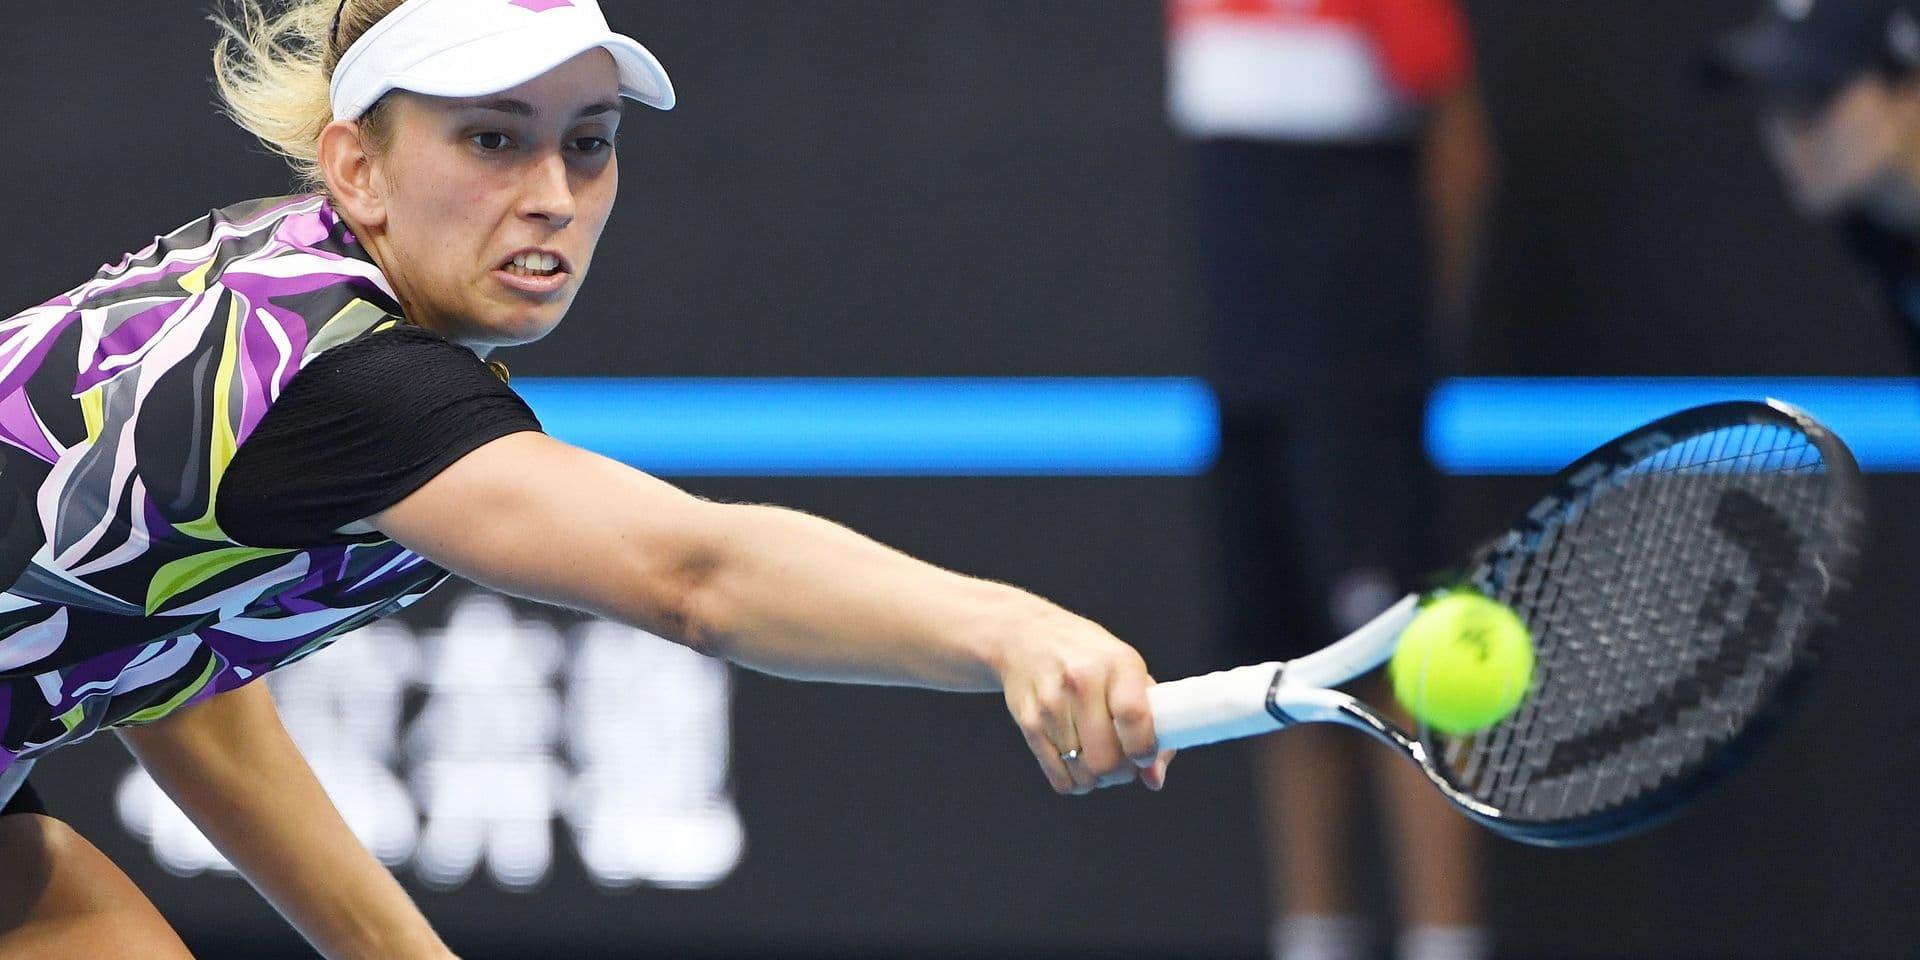 """Elise Mertens sur sa défaite face à Bianca Andreescu: """"J'étais encore proche d'elle, comme à New York"""""""